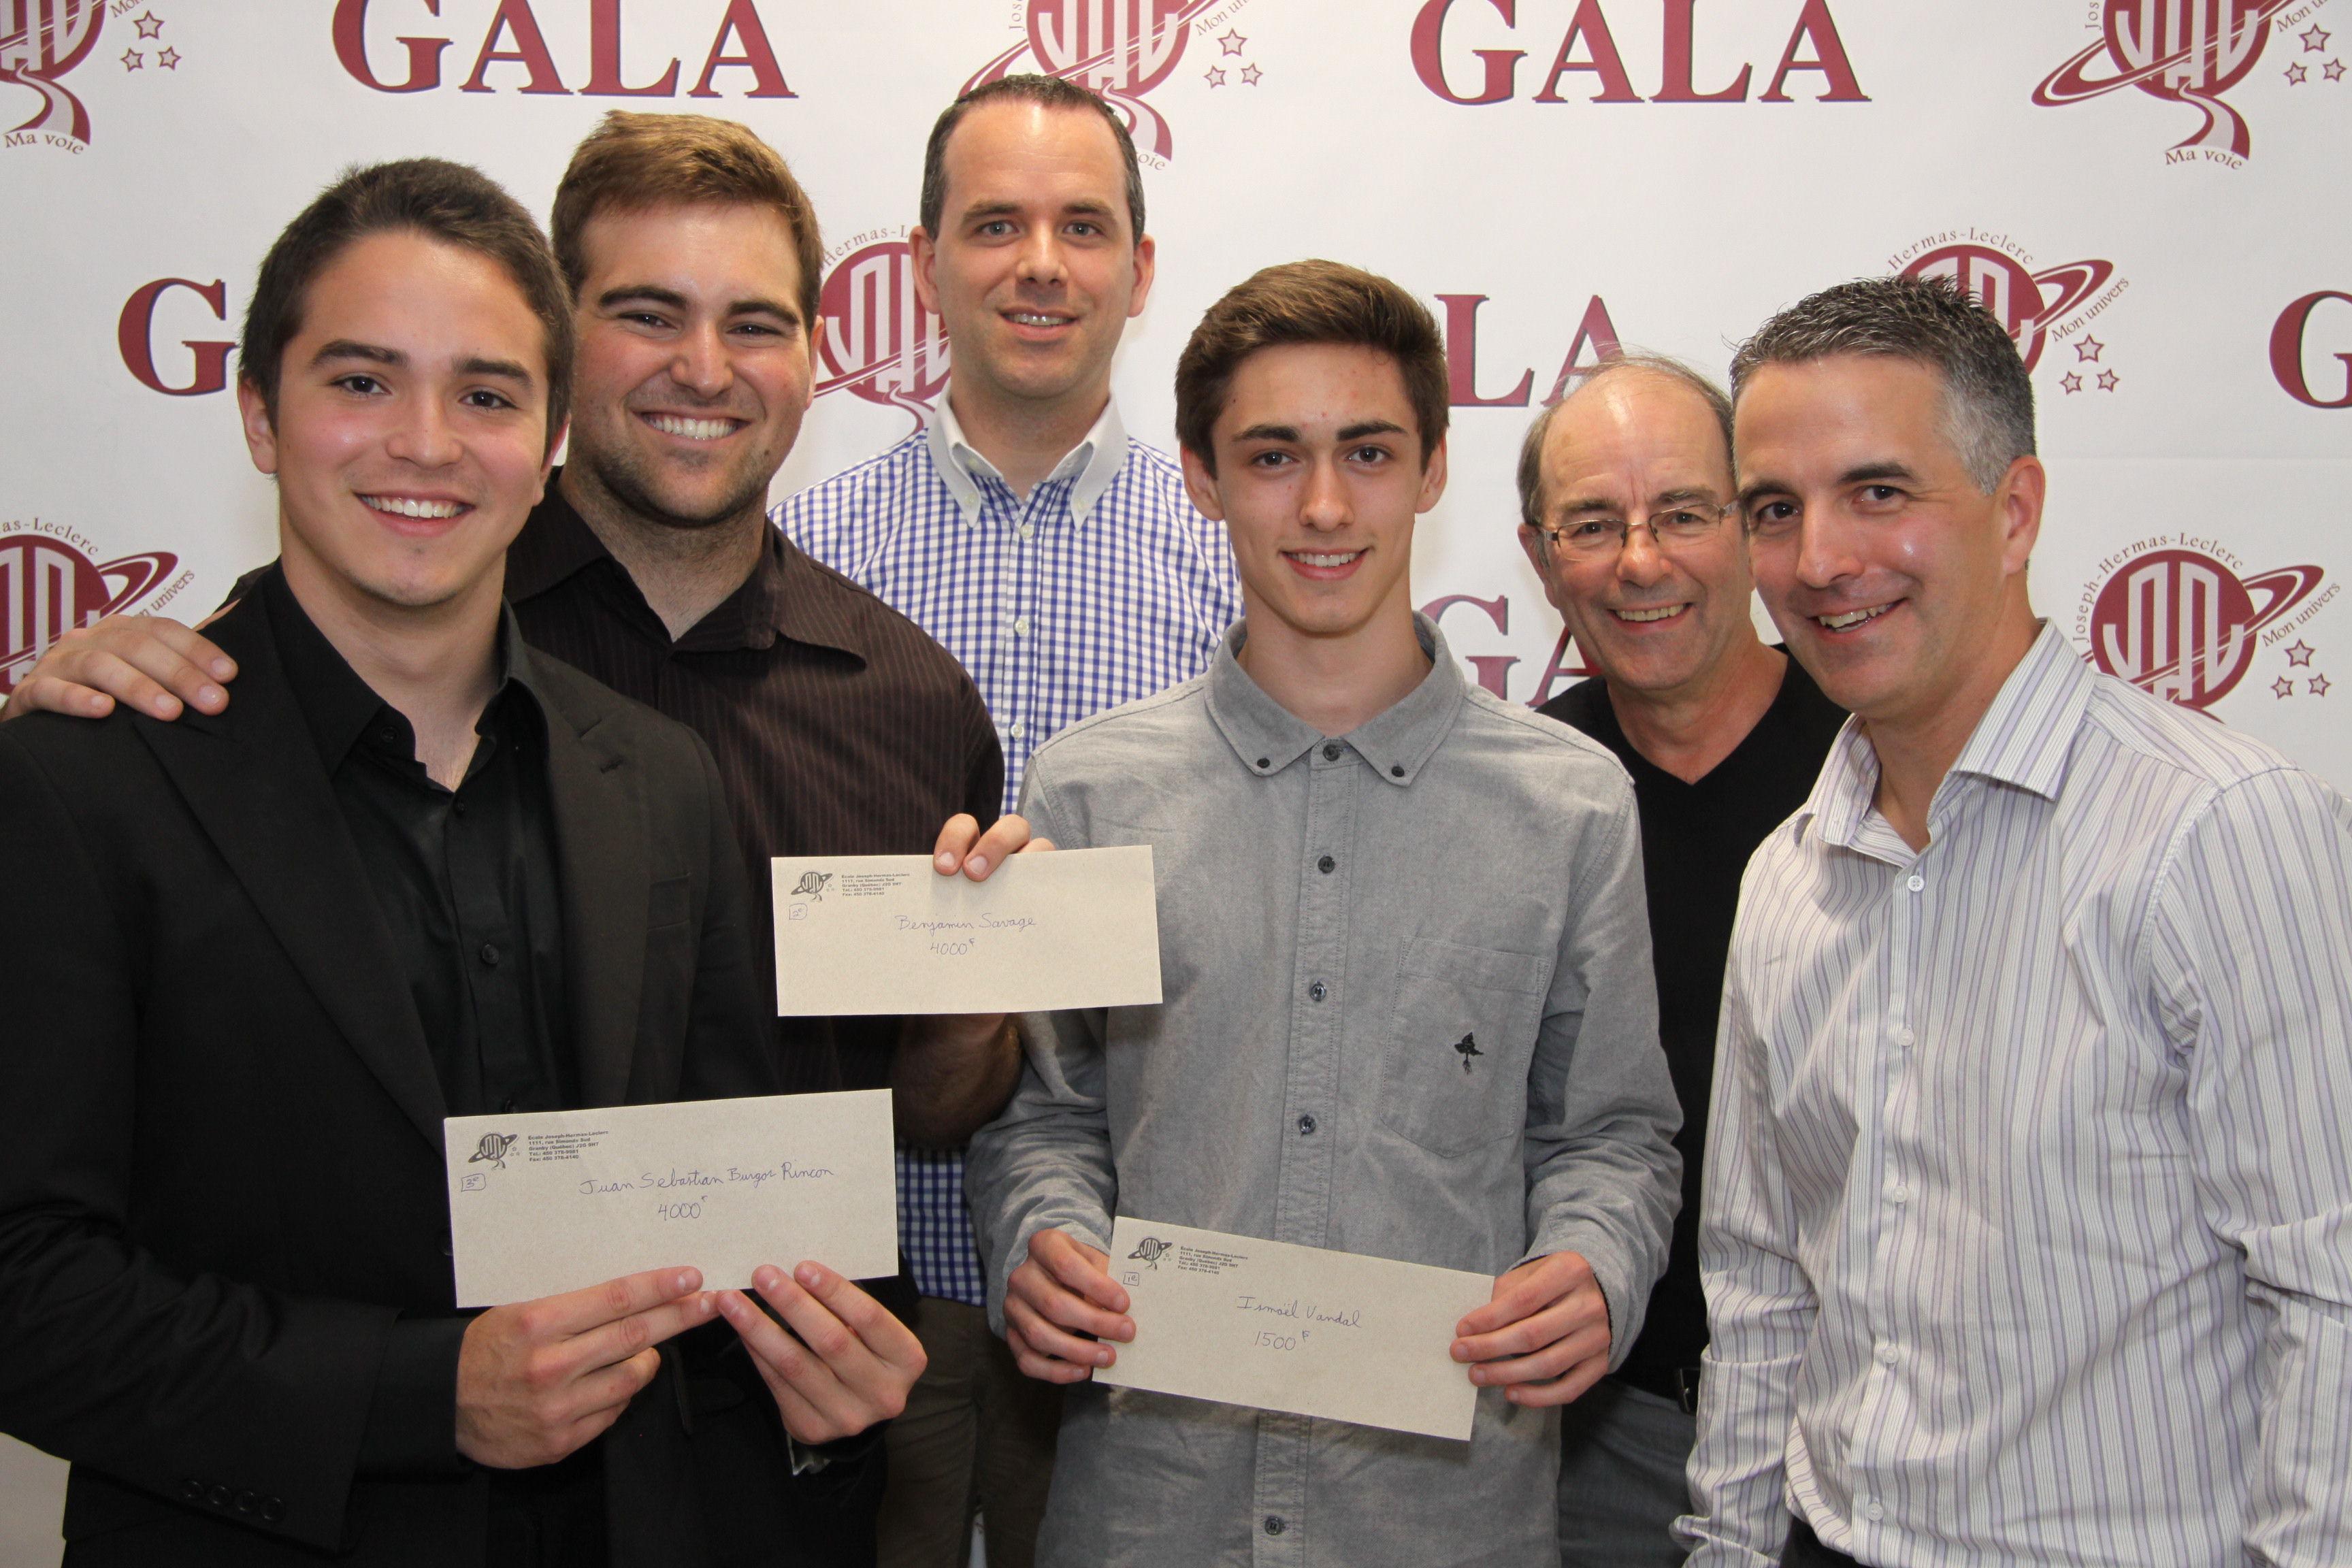 Gala méritas 5e secondaire 2013-2014